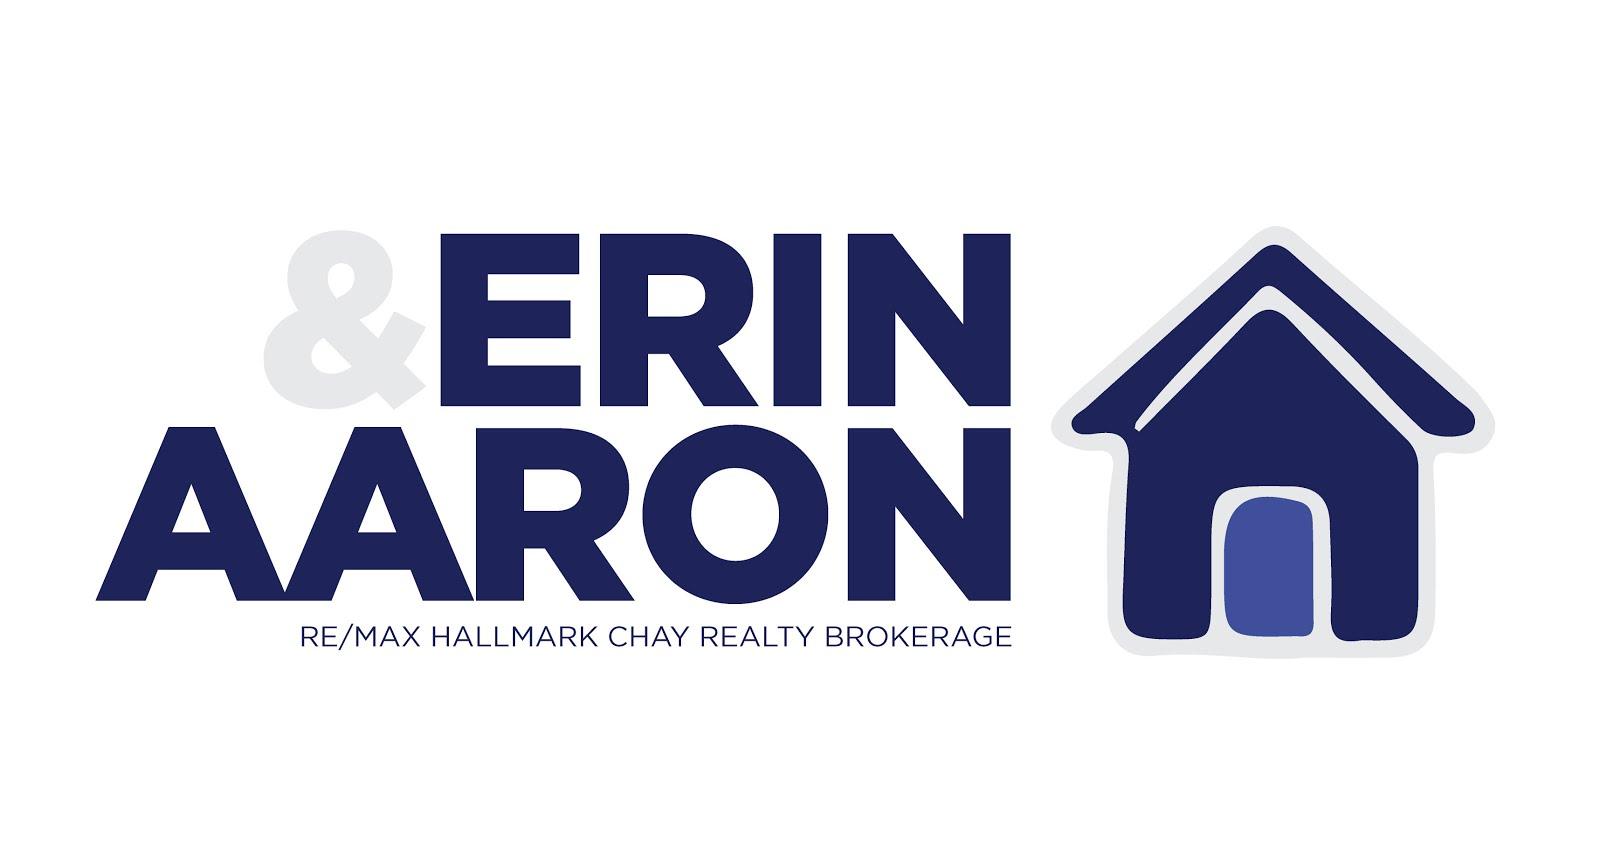 Erin Corcoran, Sales Representative RE/MAX Hallmark Chay Realty Brkg.